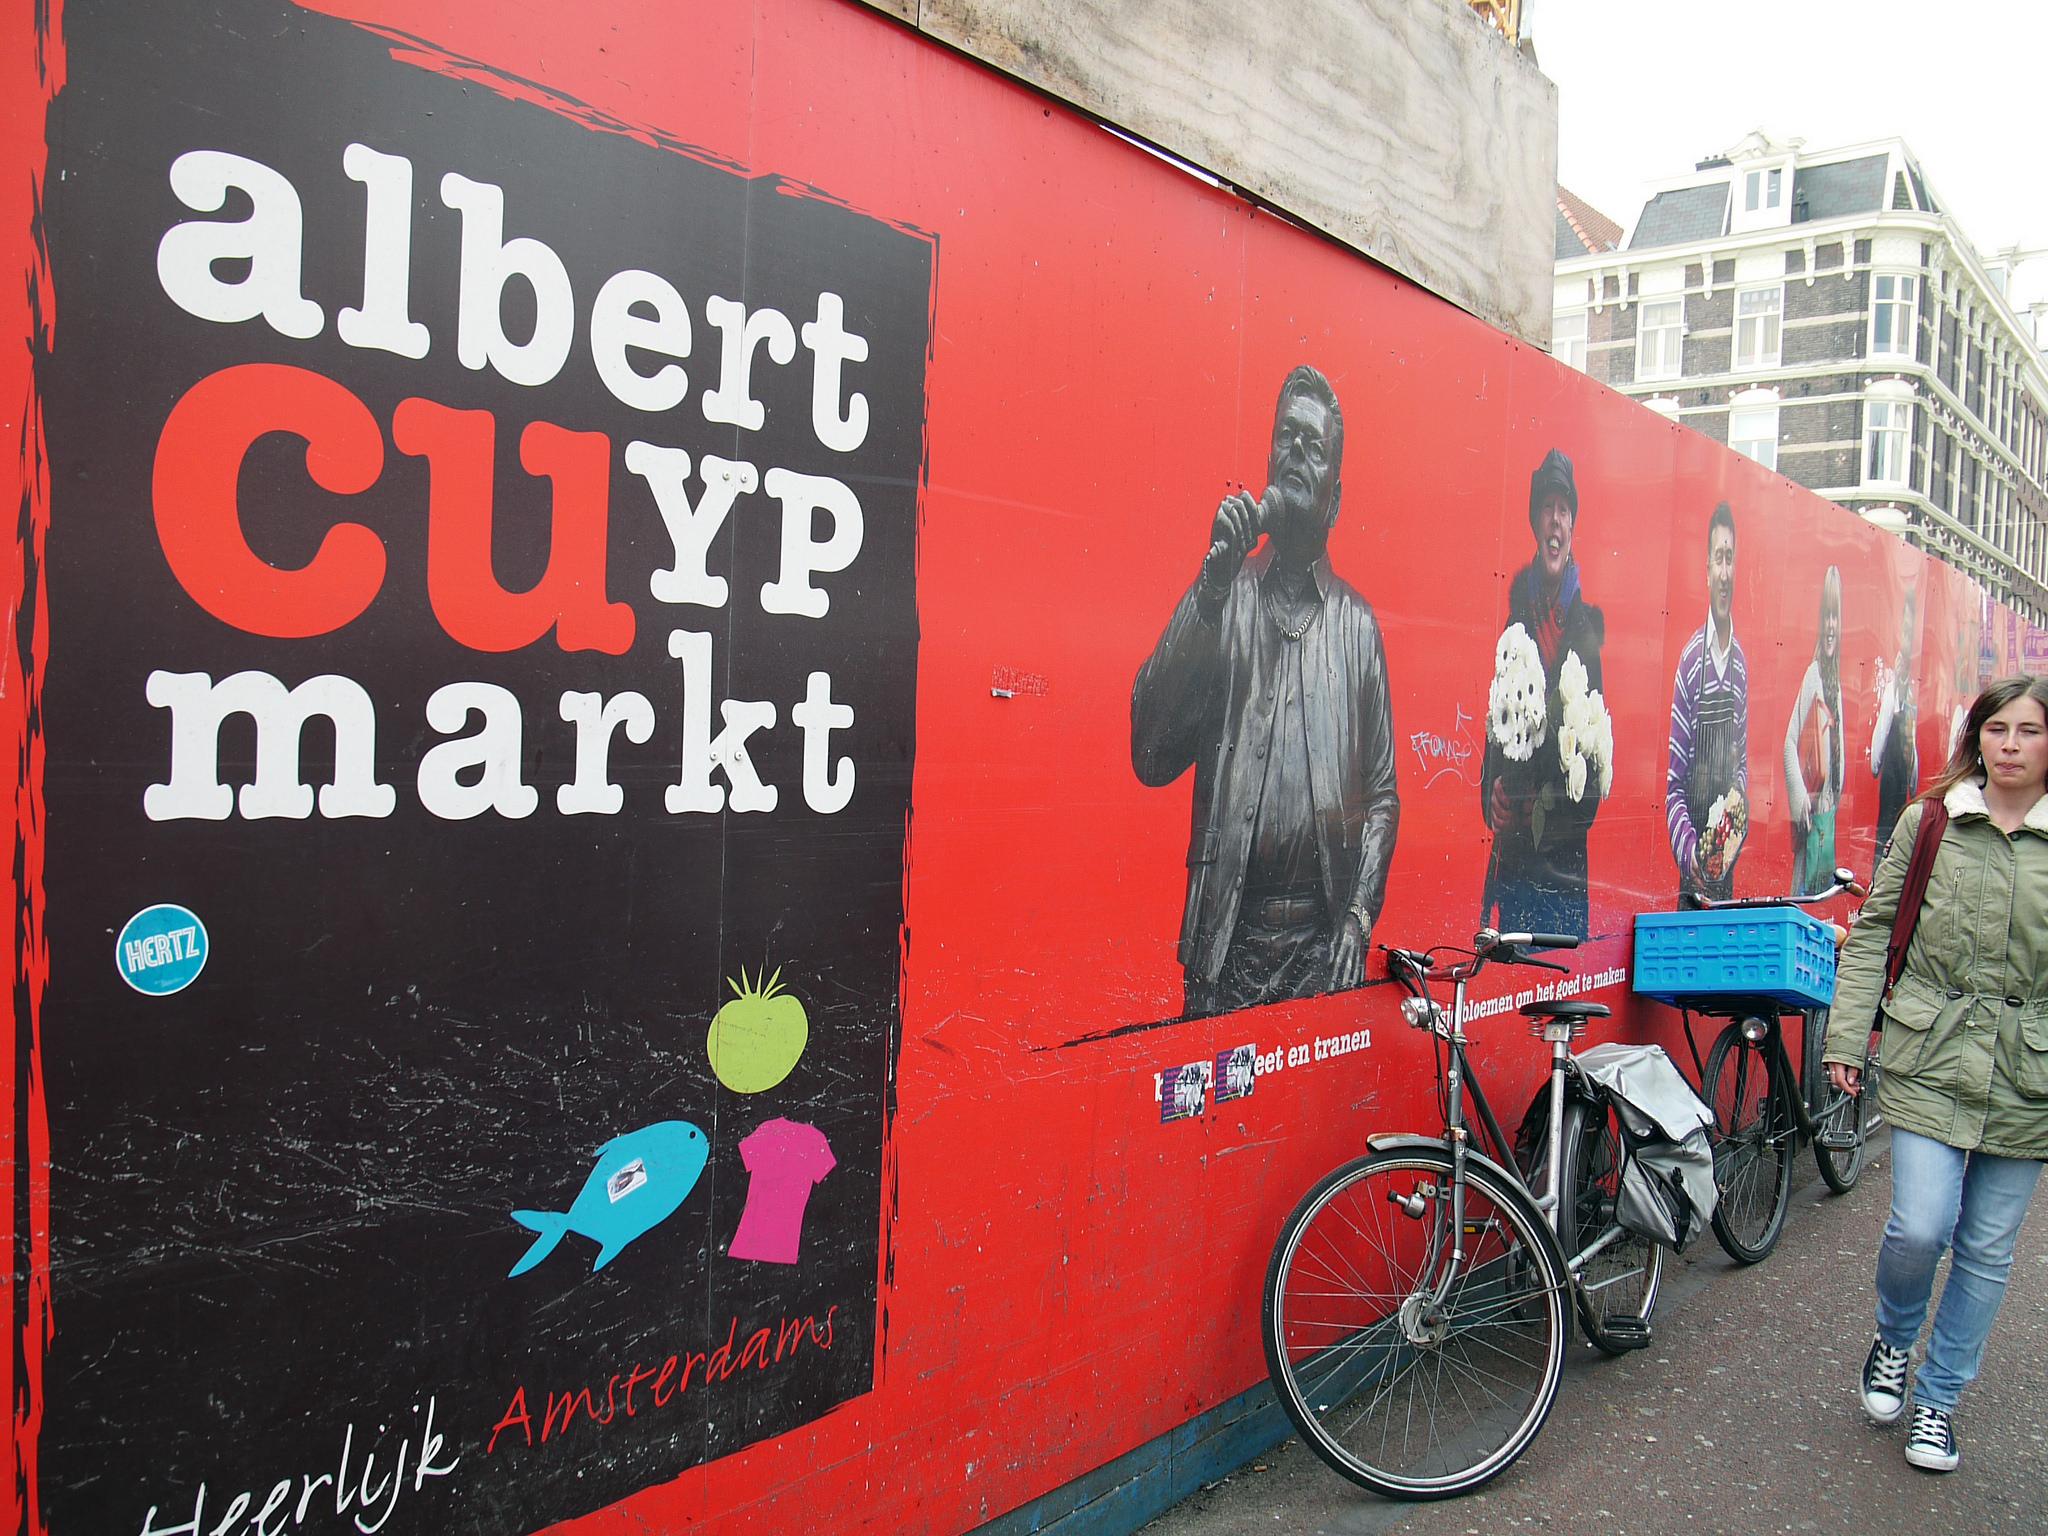 Рынок Альберта Кёйпа, у входа